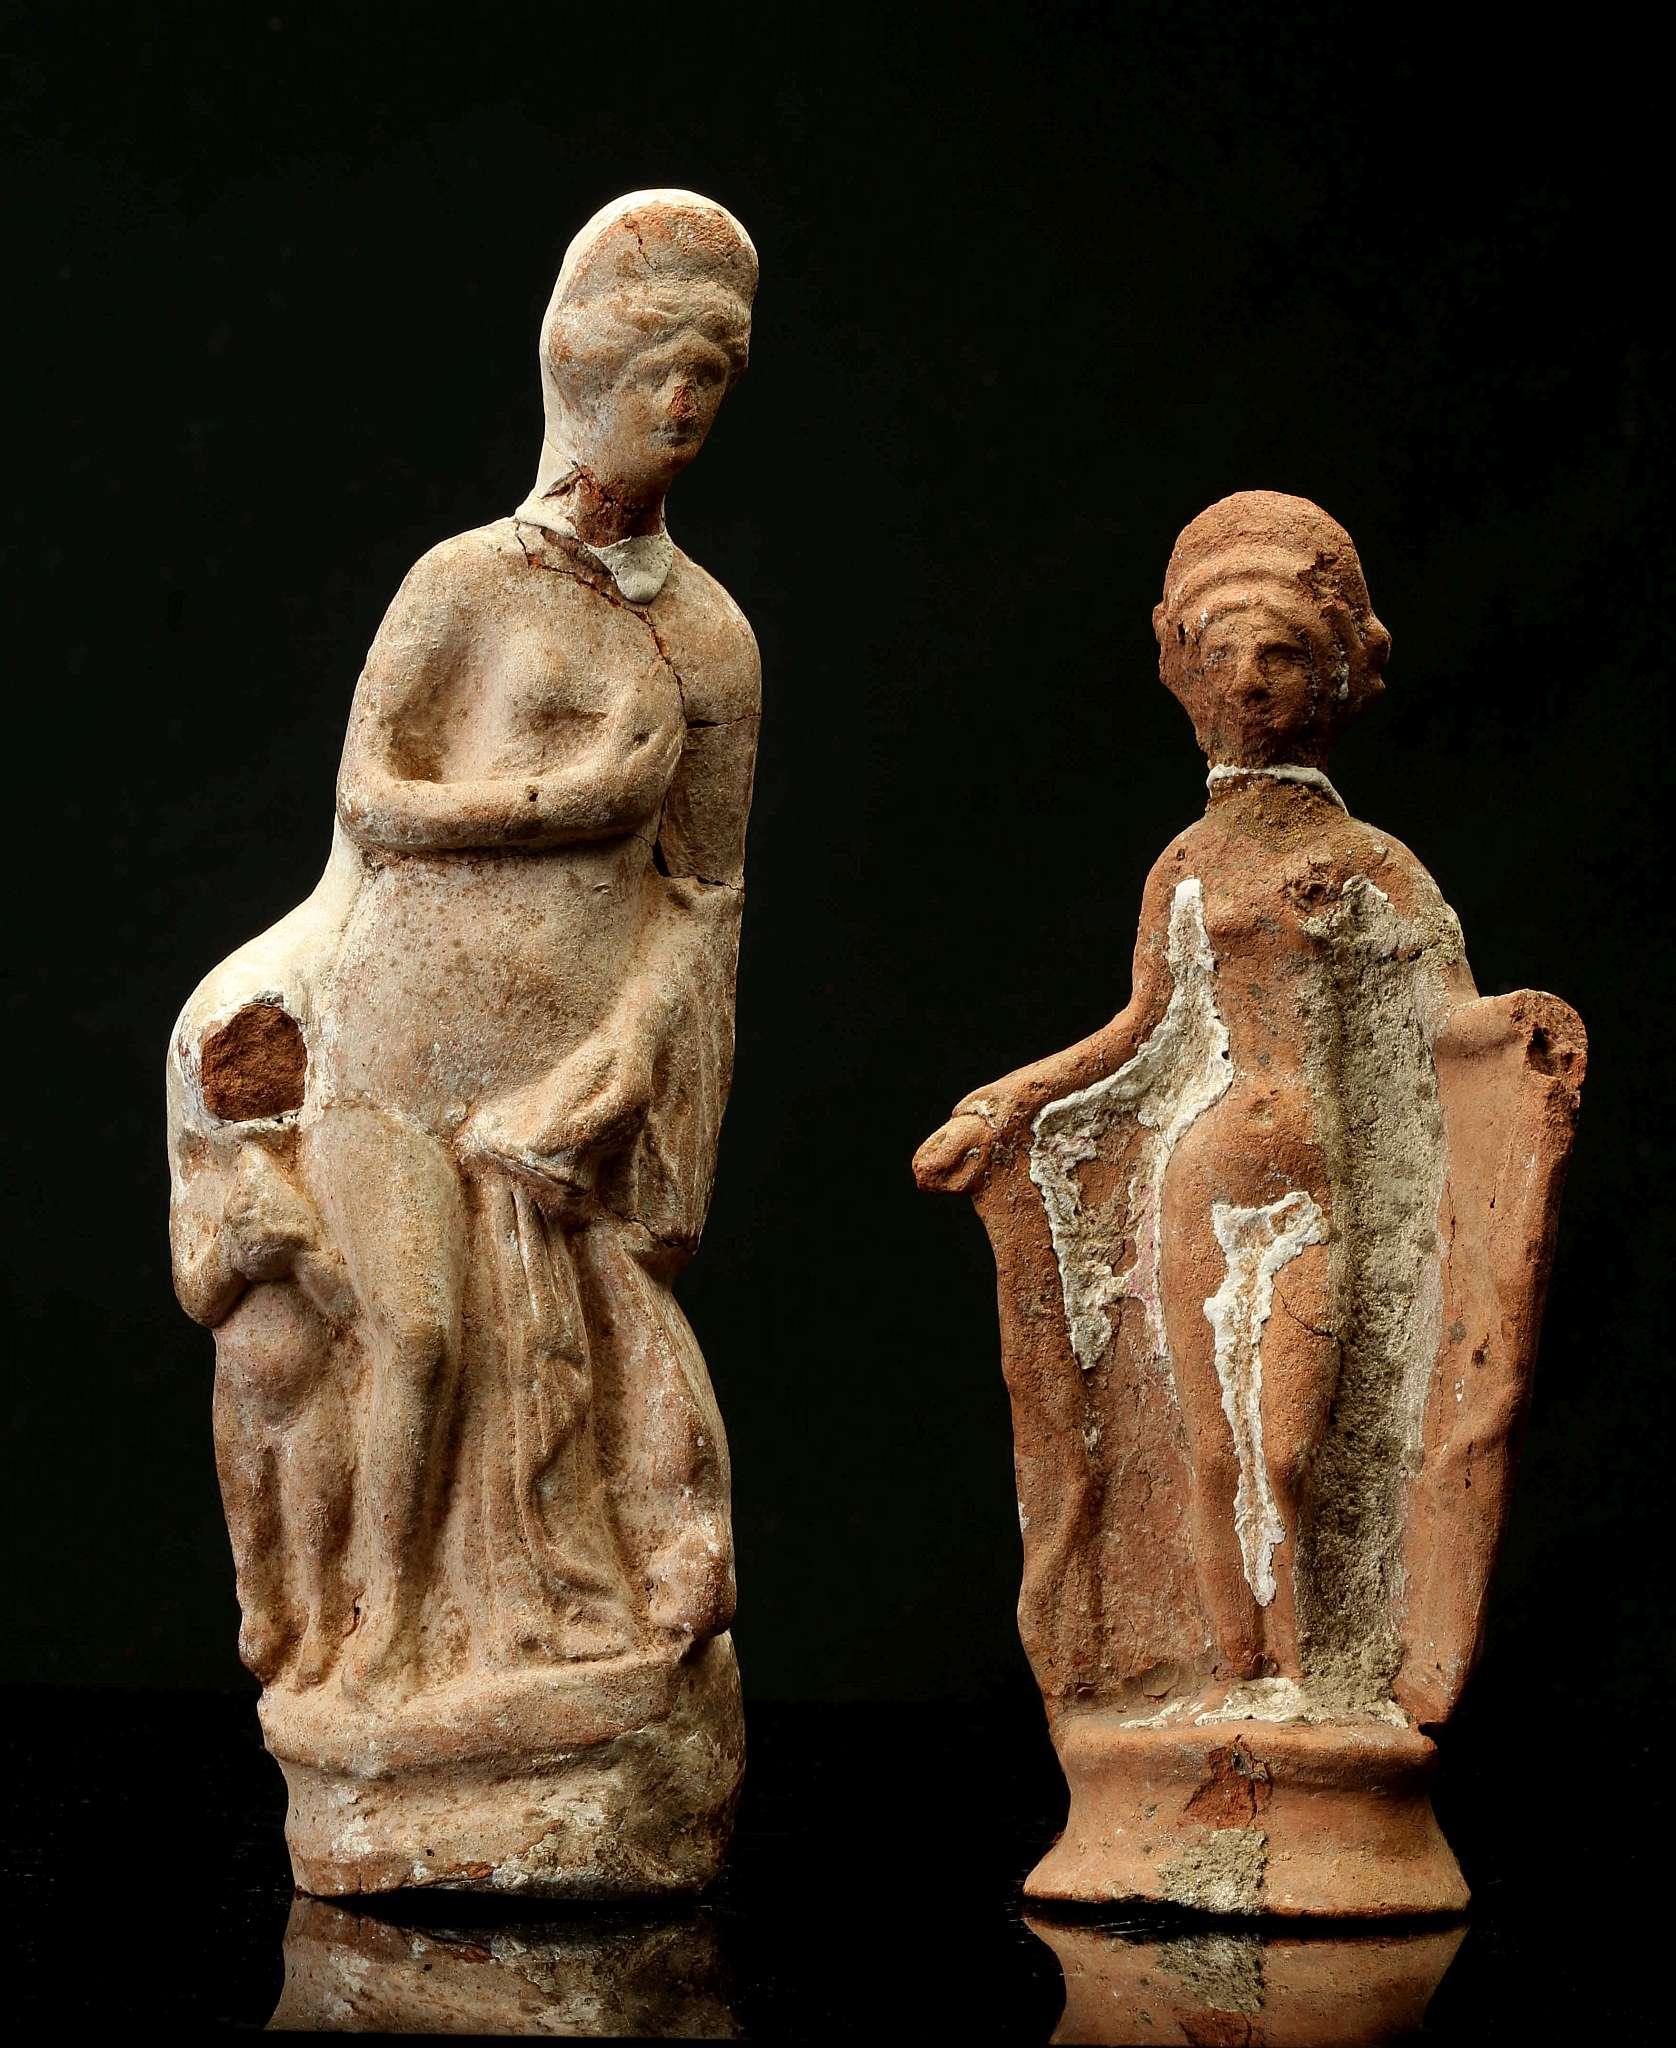 Verena nude Nude Photos